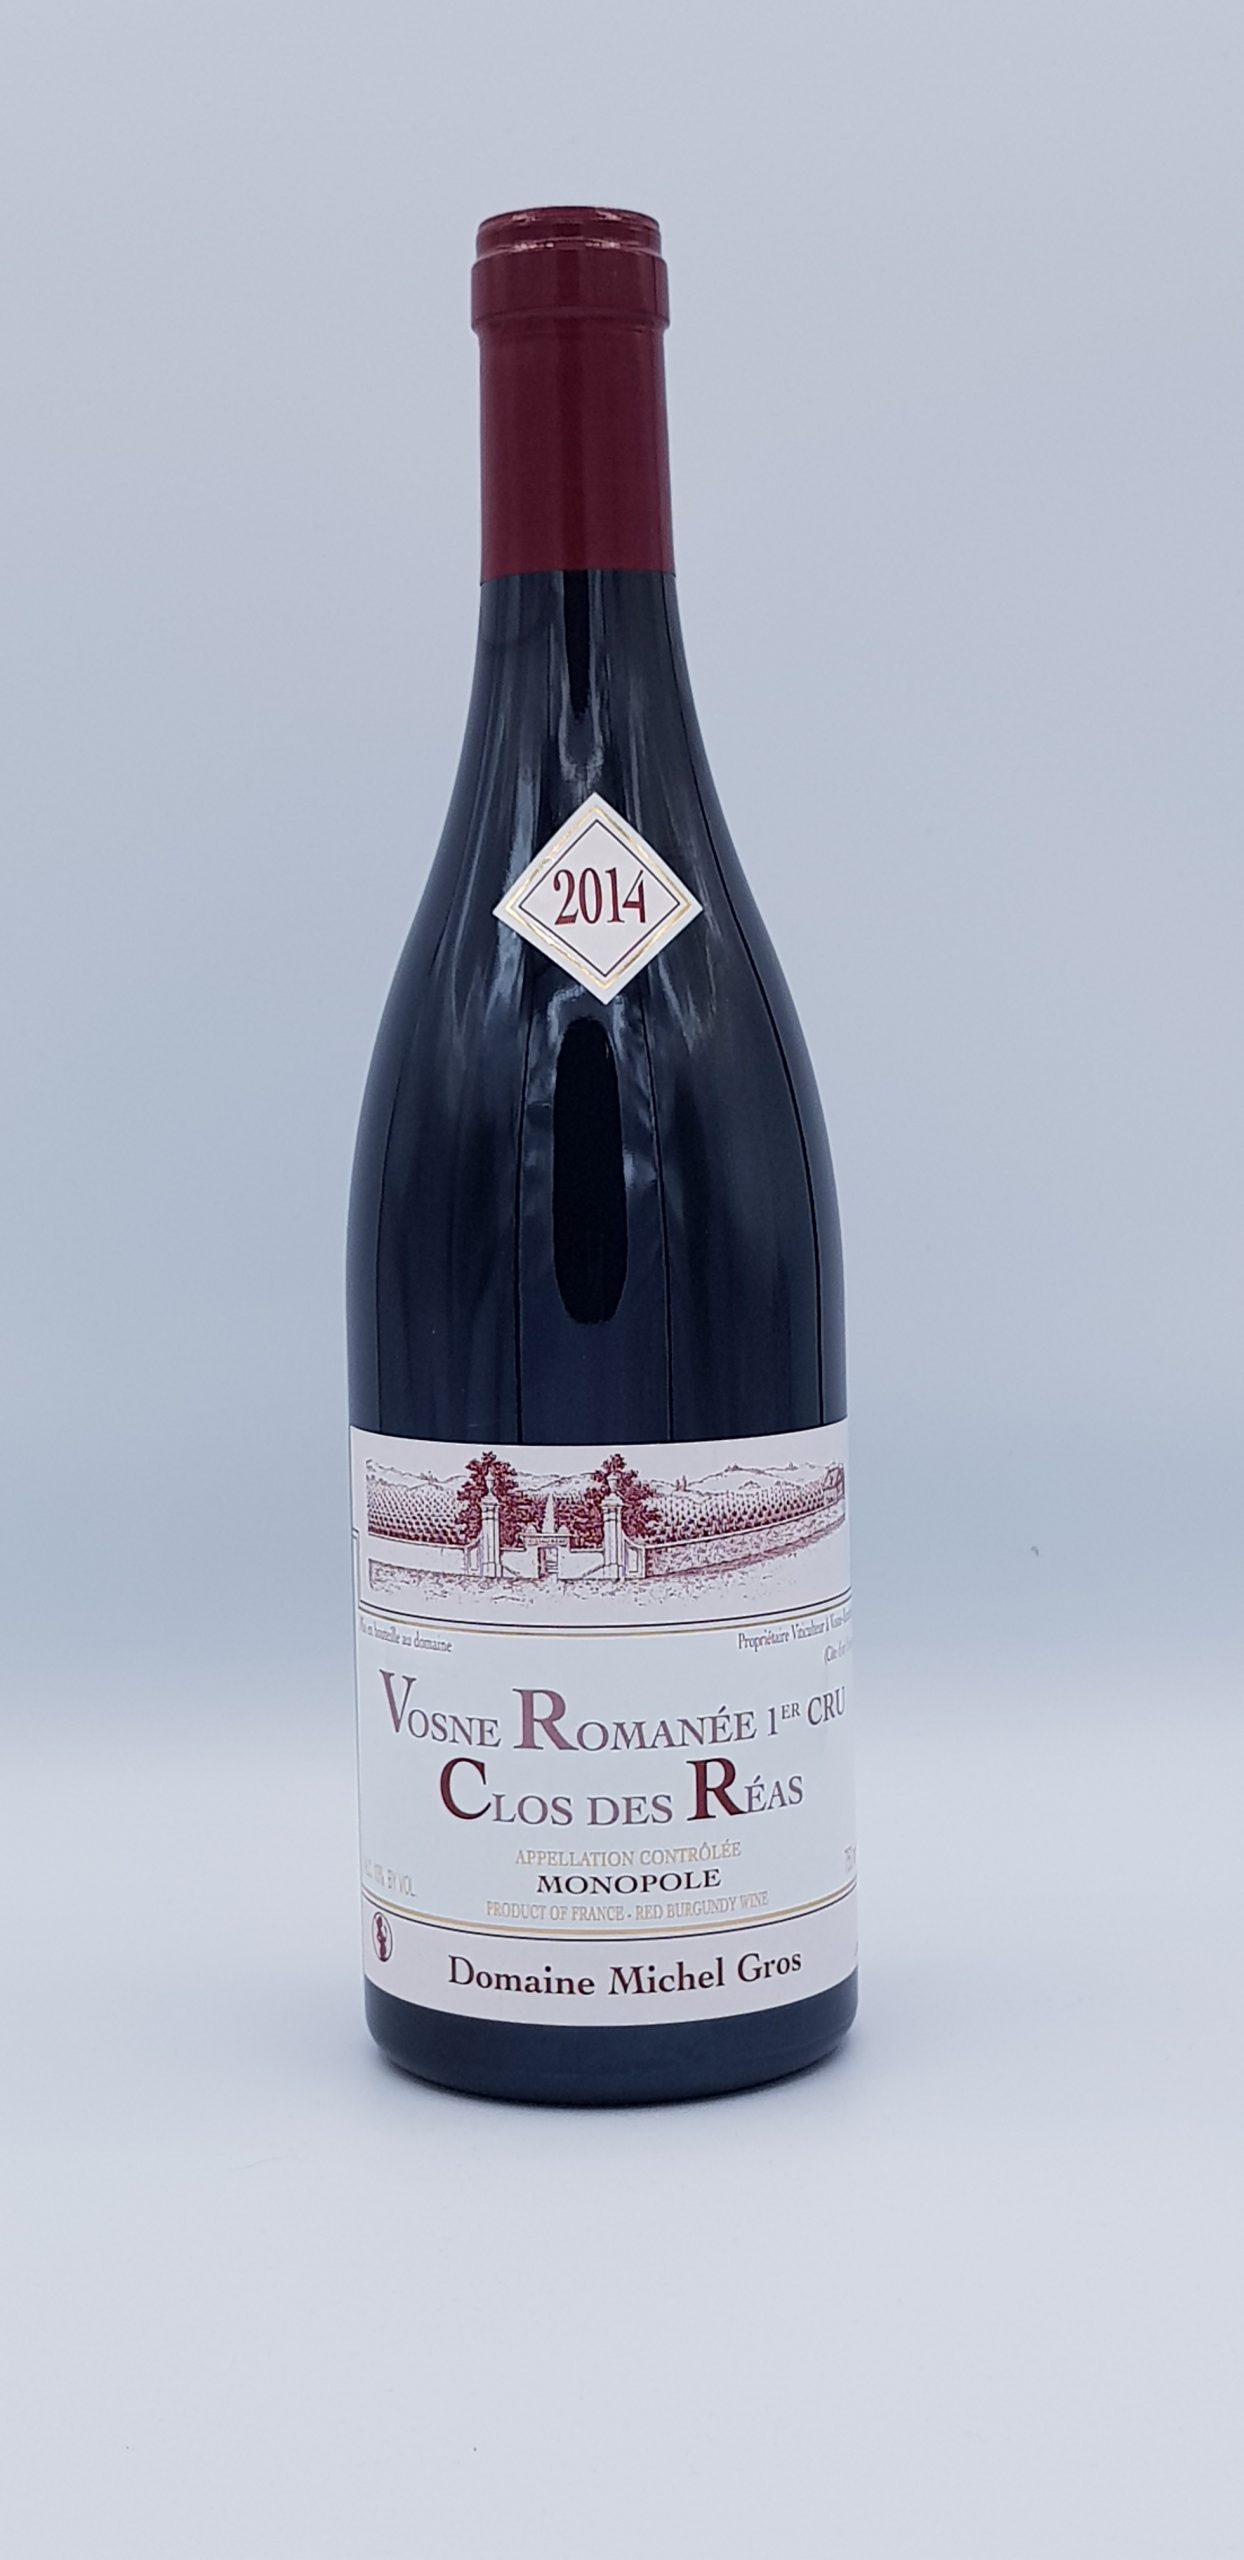 """Vosne Romanee 1er Cru """"Clos Des Reas"""" 2014 Rouge"""